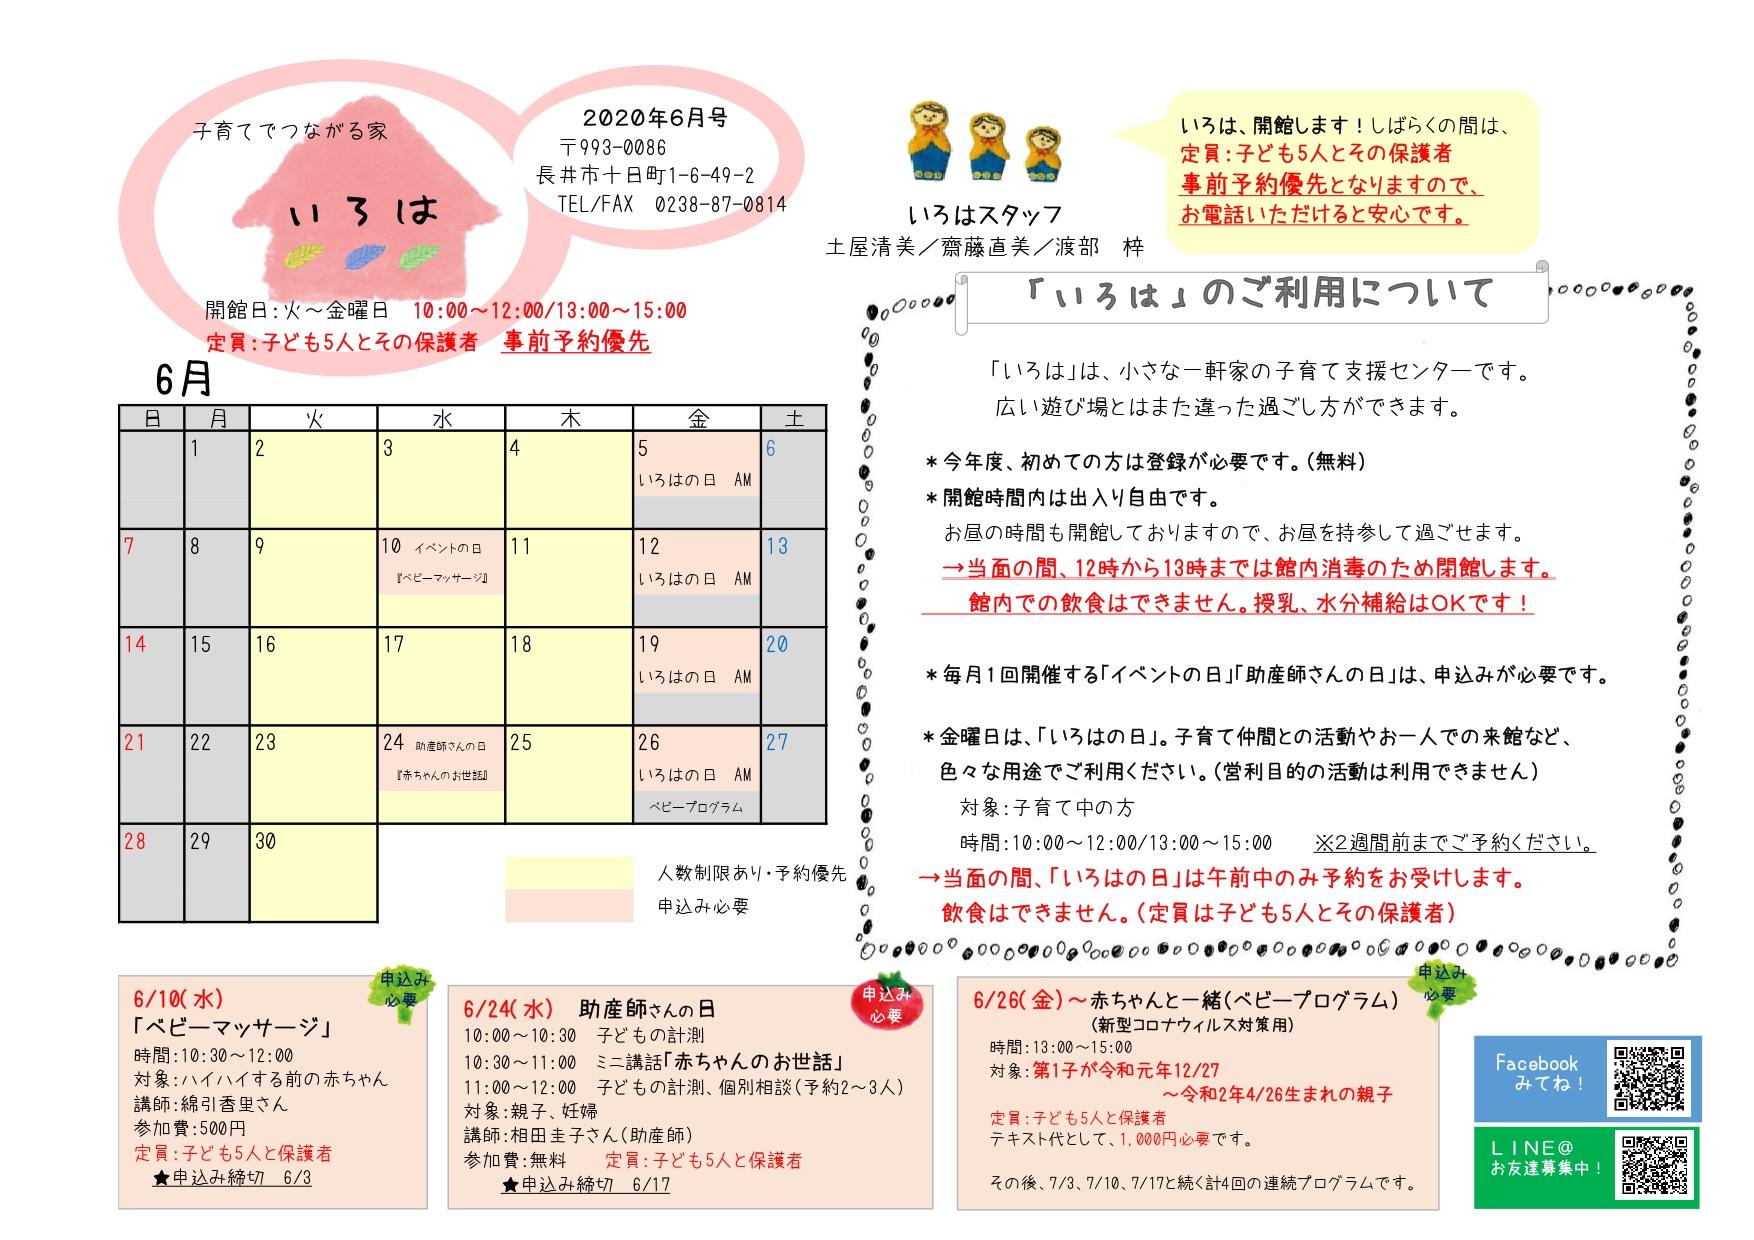 いろは(長井市子育て支援センター)おたより6月:画像